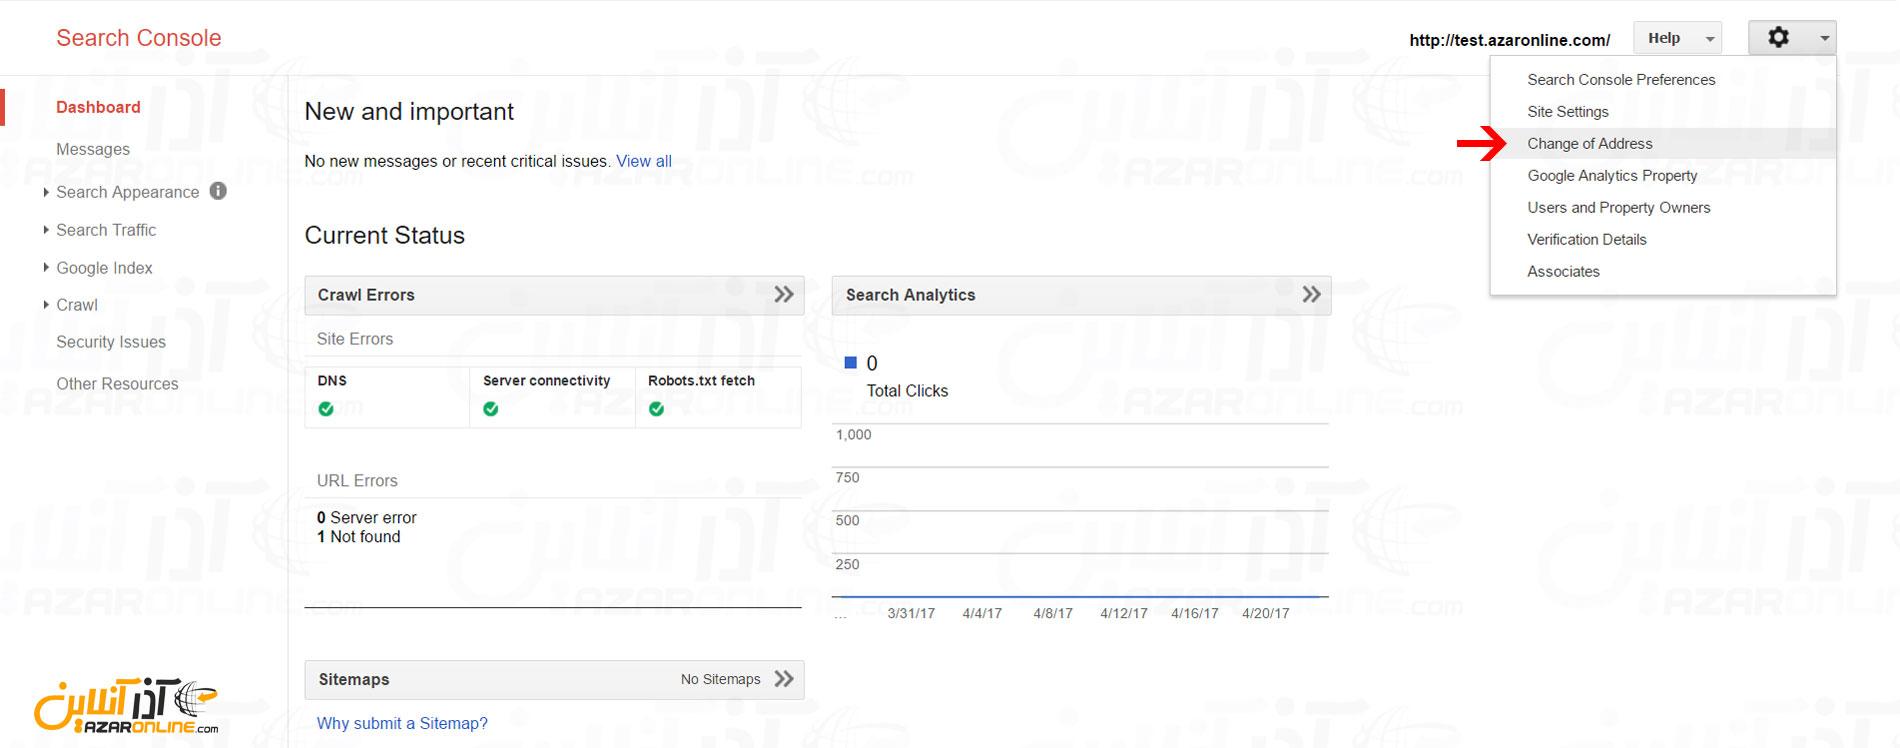 ریدایرکت دامنه بدون تغییر در رتبه گوگل - رفتن به change of address برای تغییر آدرس